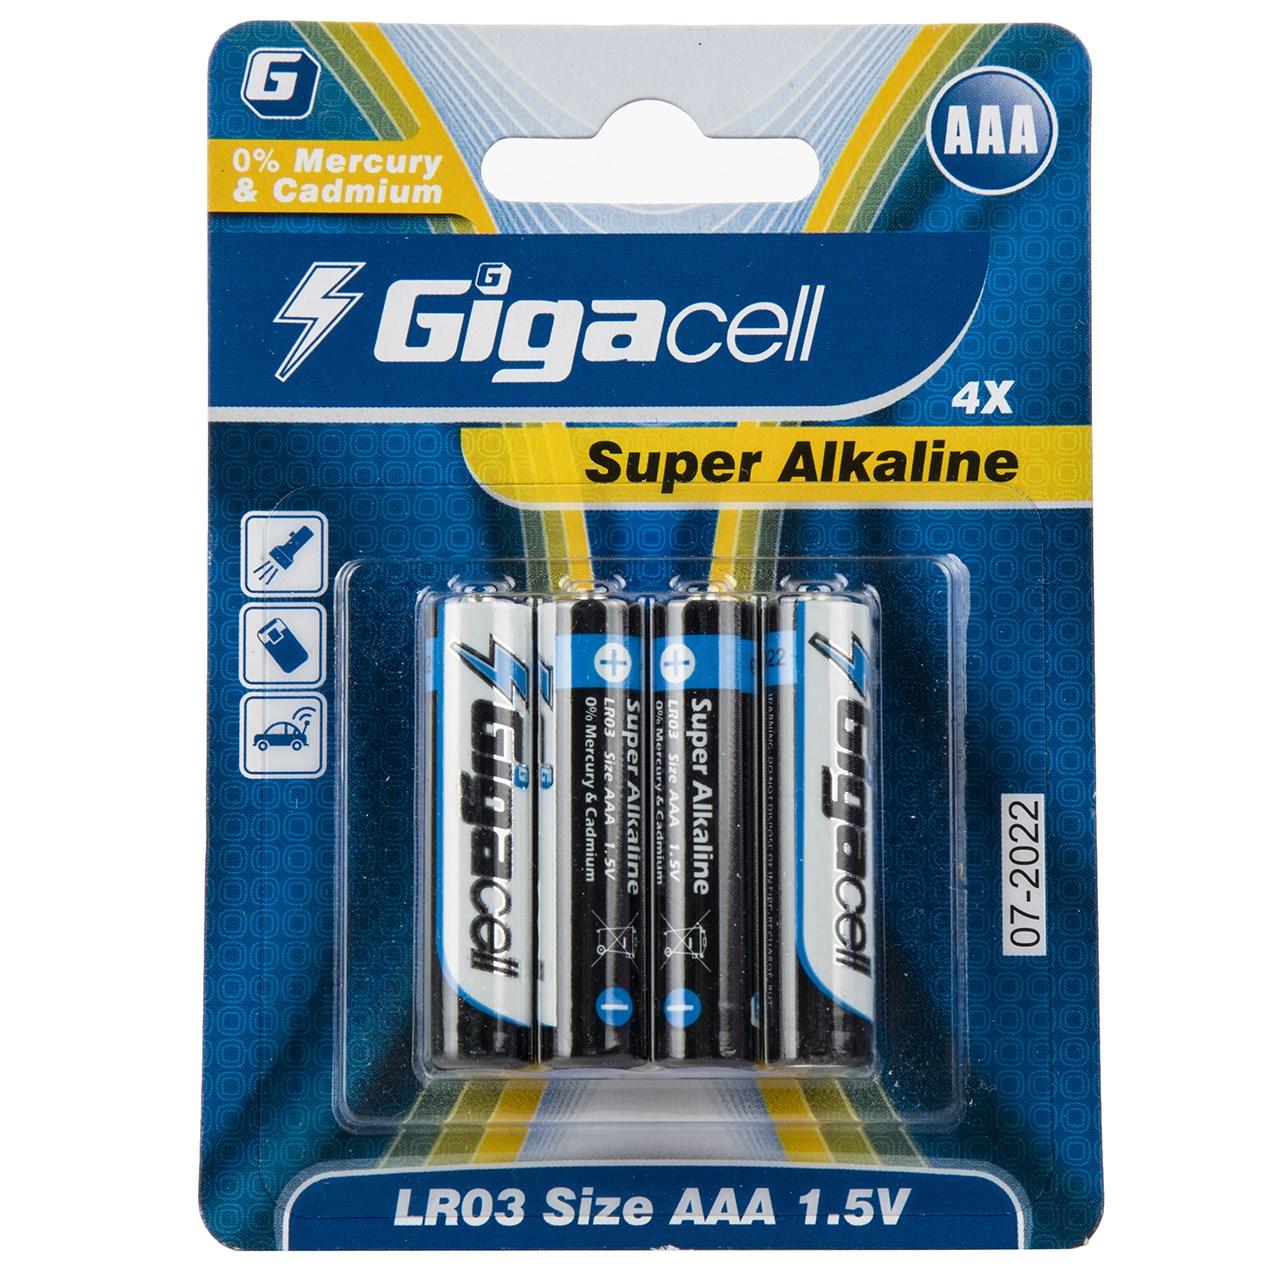 باتری نیم قلمی گیگاسل مدل Super Alkaline - بسته 4 عددی